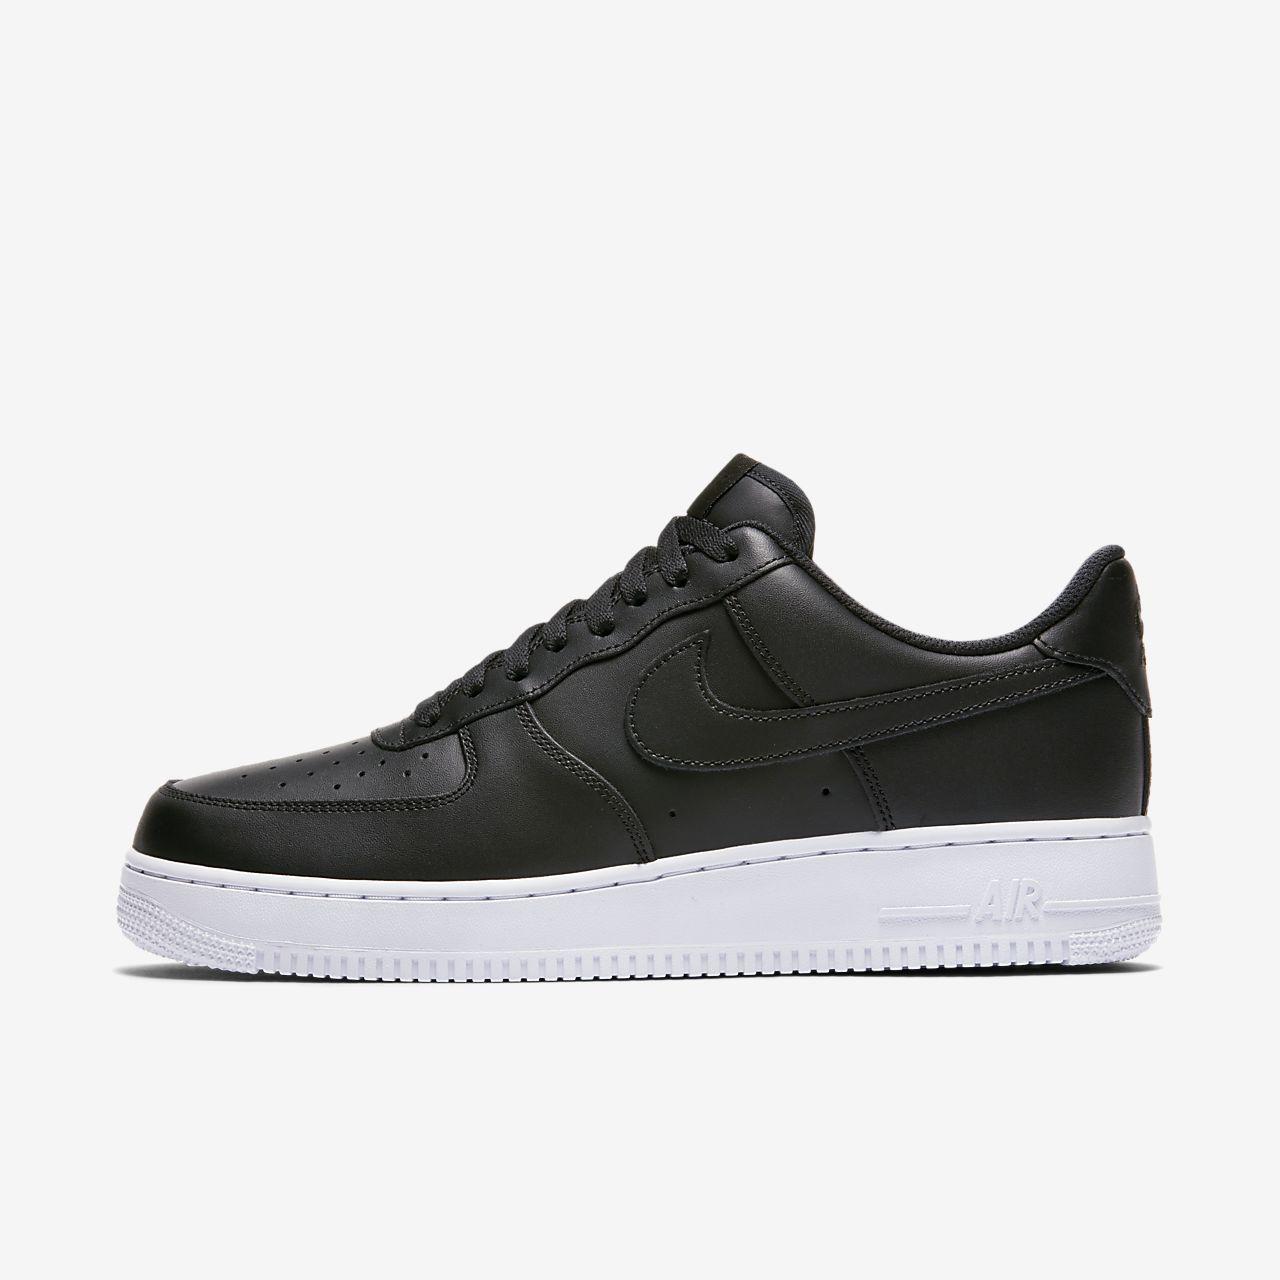 Sko Nike Air Force 1 07 för män